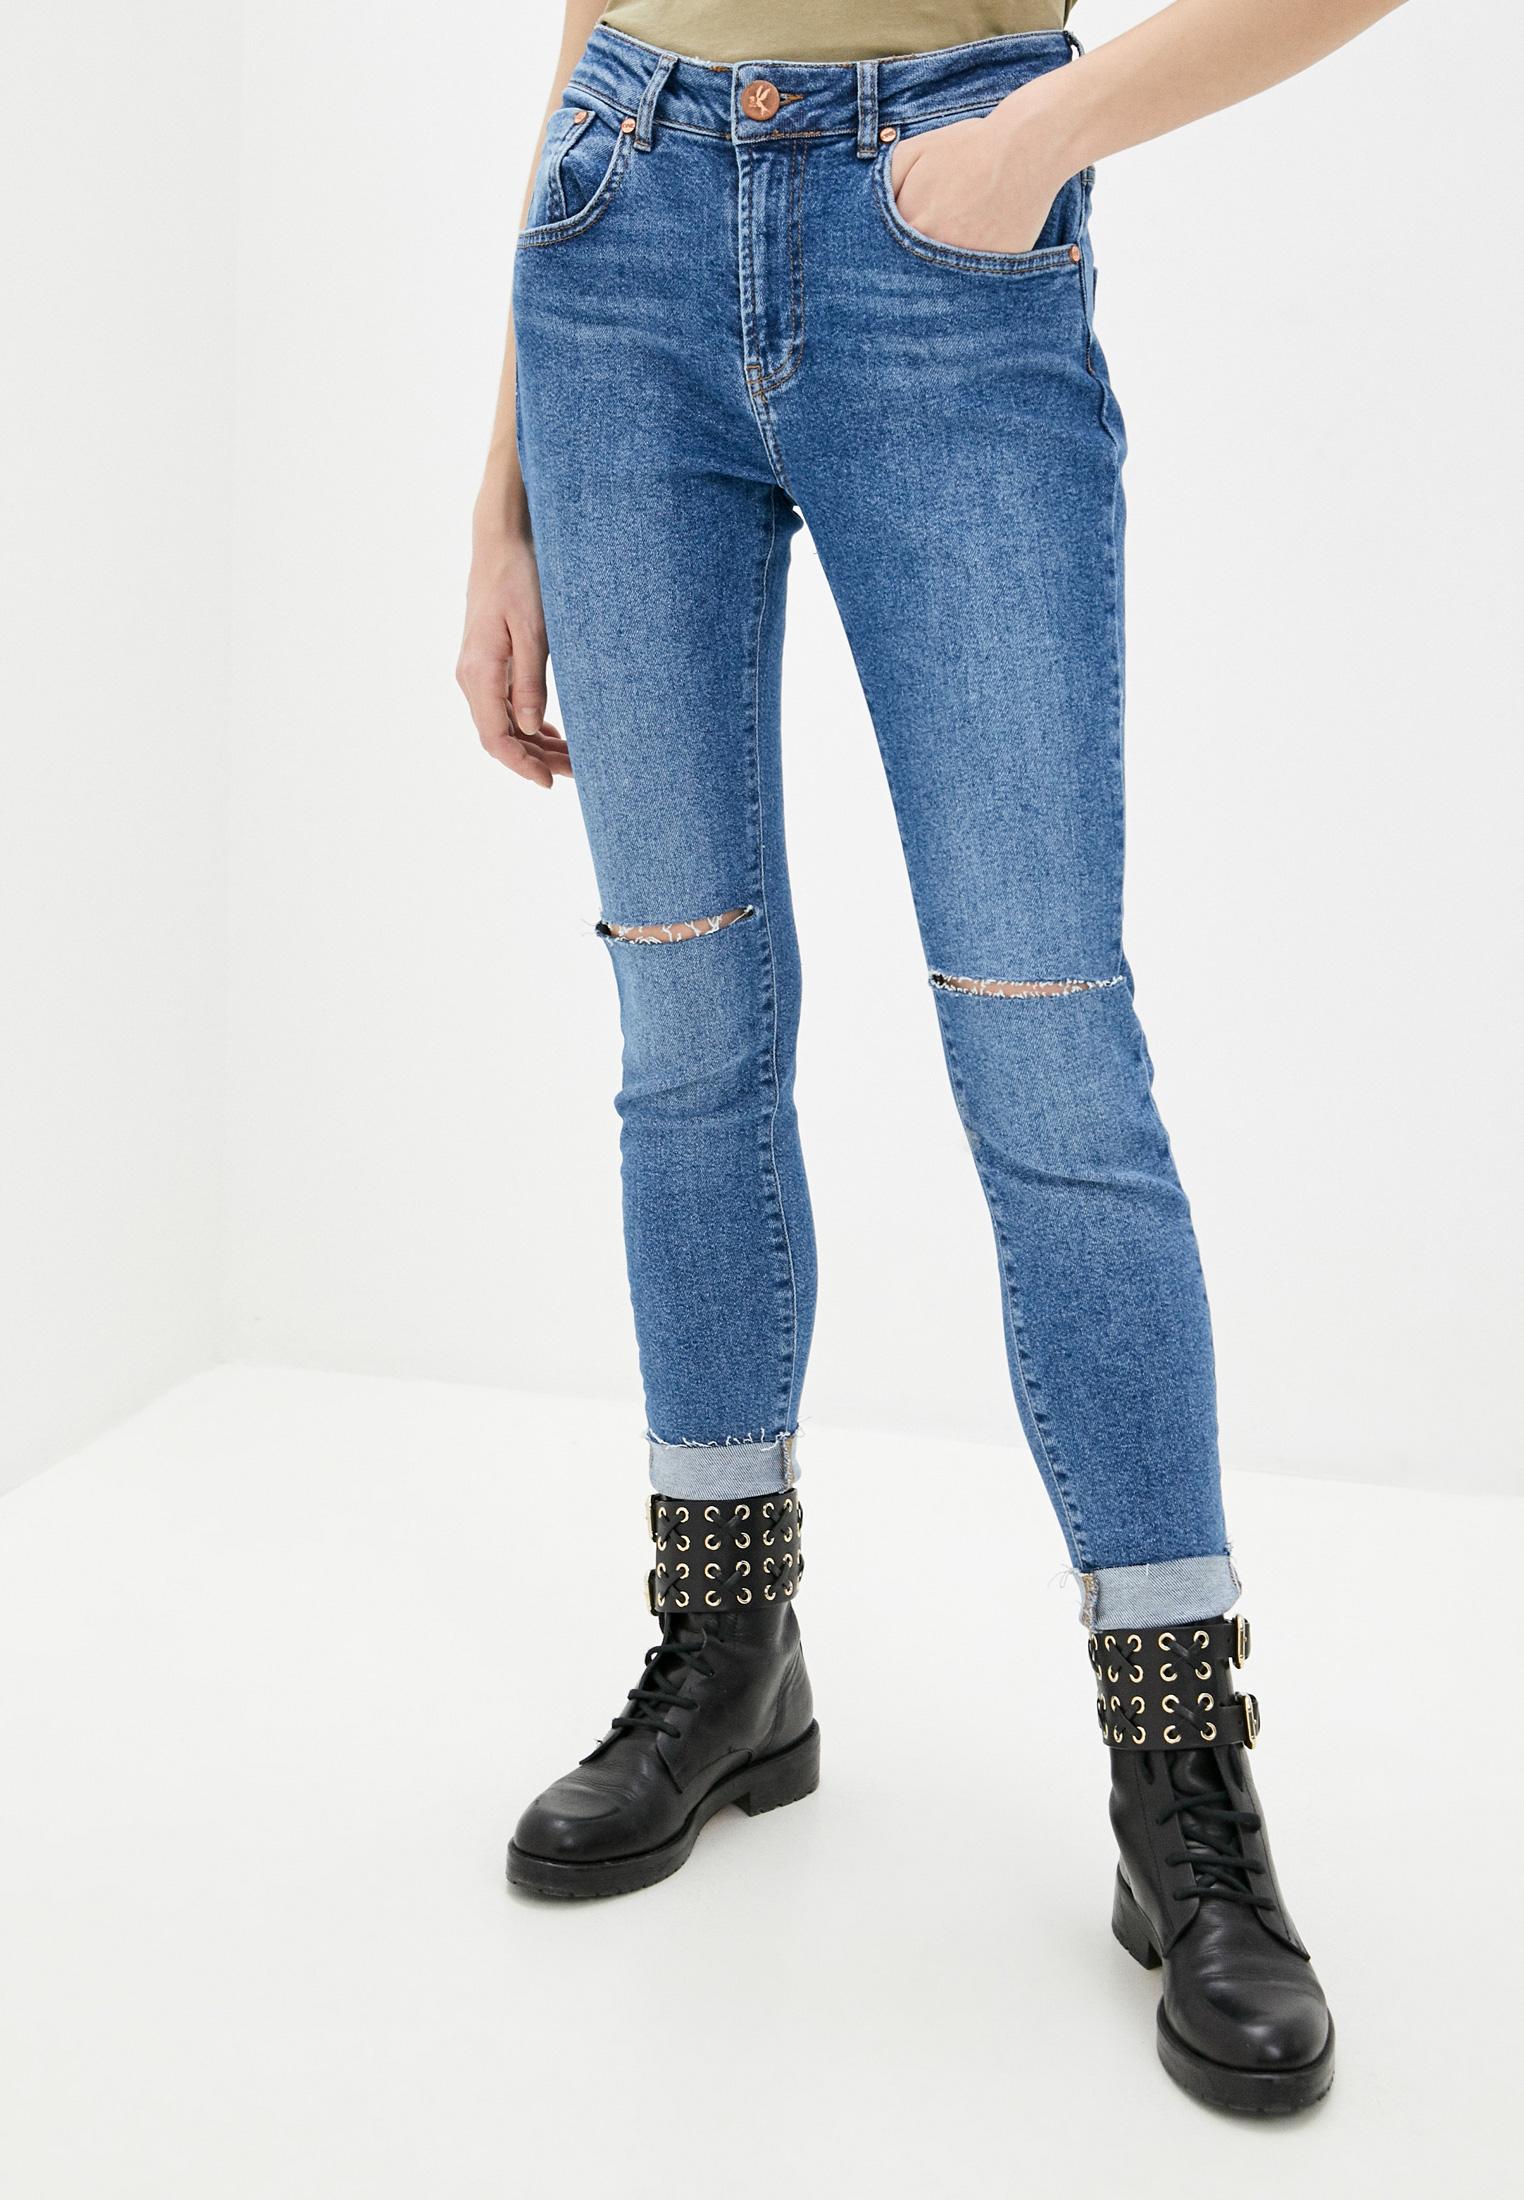 Зауженные джинсы One Teaspoon (Вантиспун) 22598